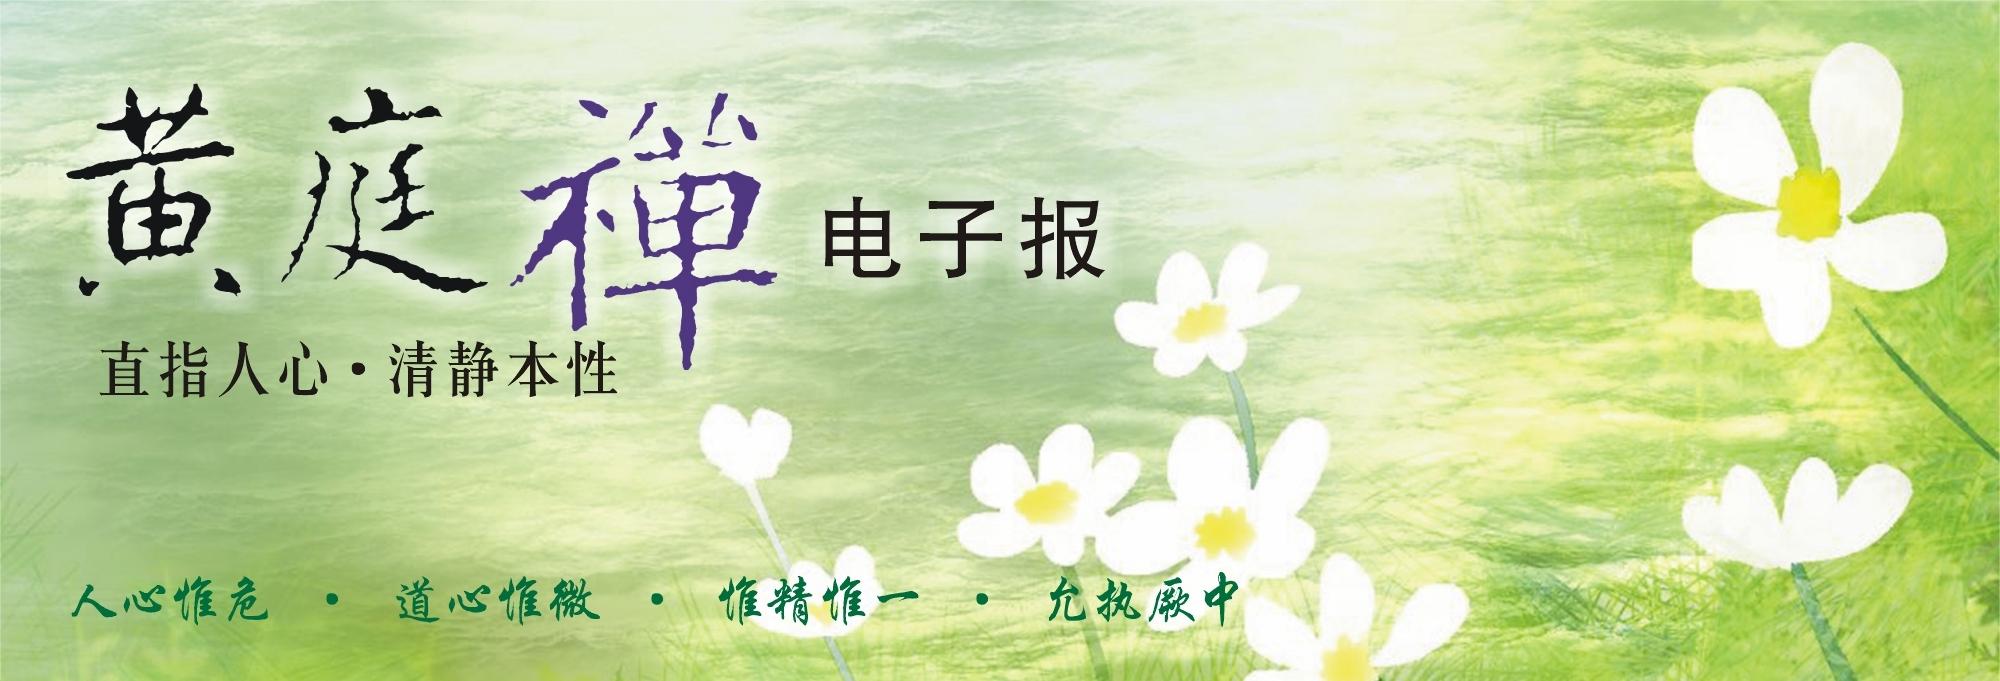 中华黄庭禅学会2019.06.11电子报